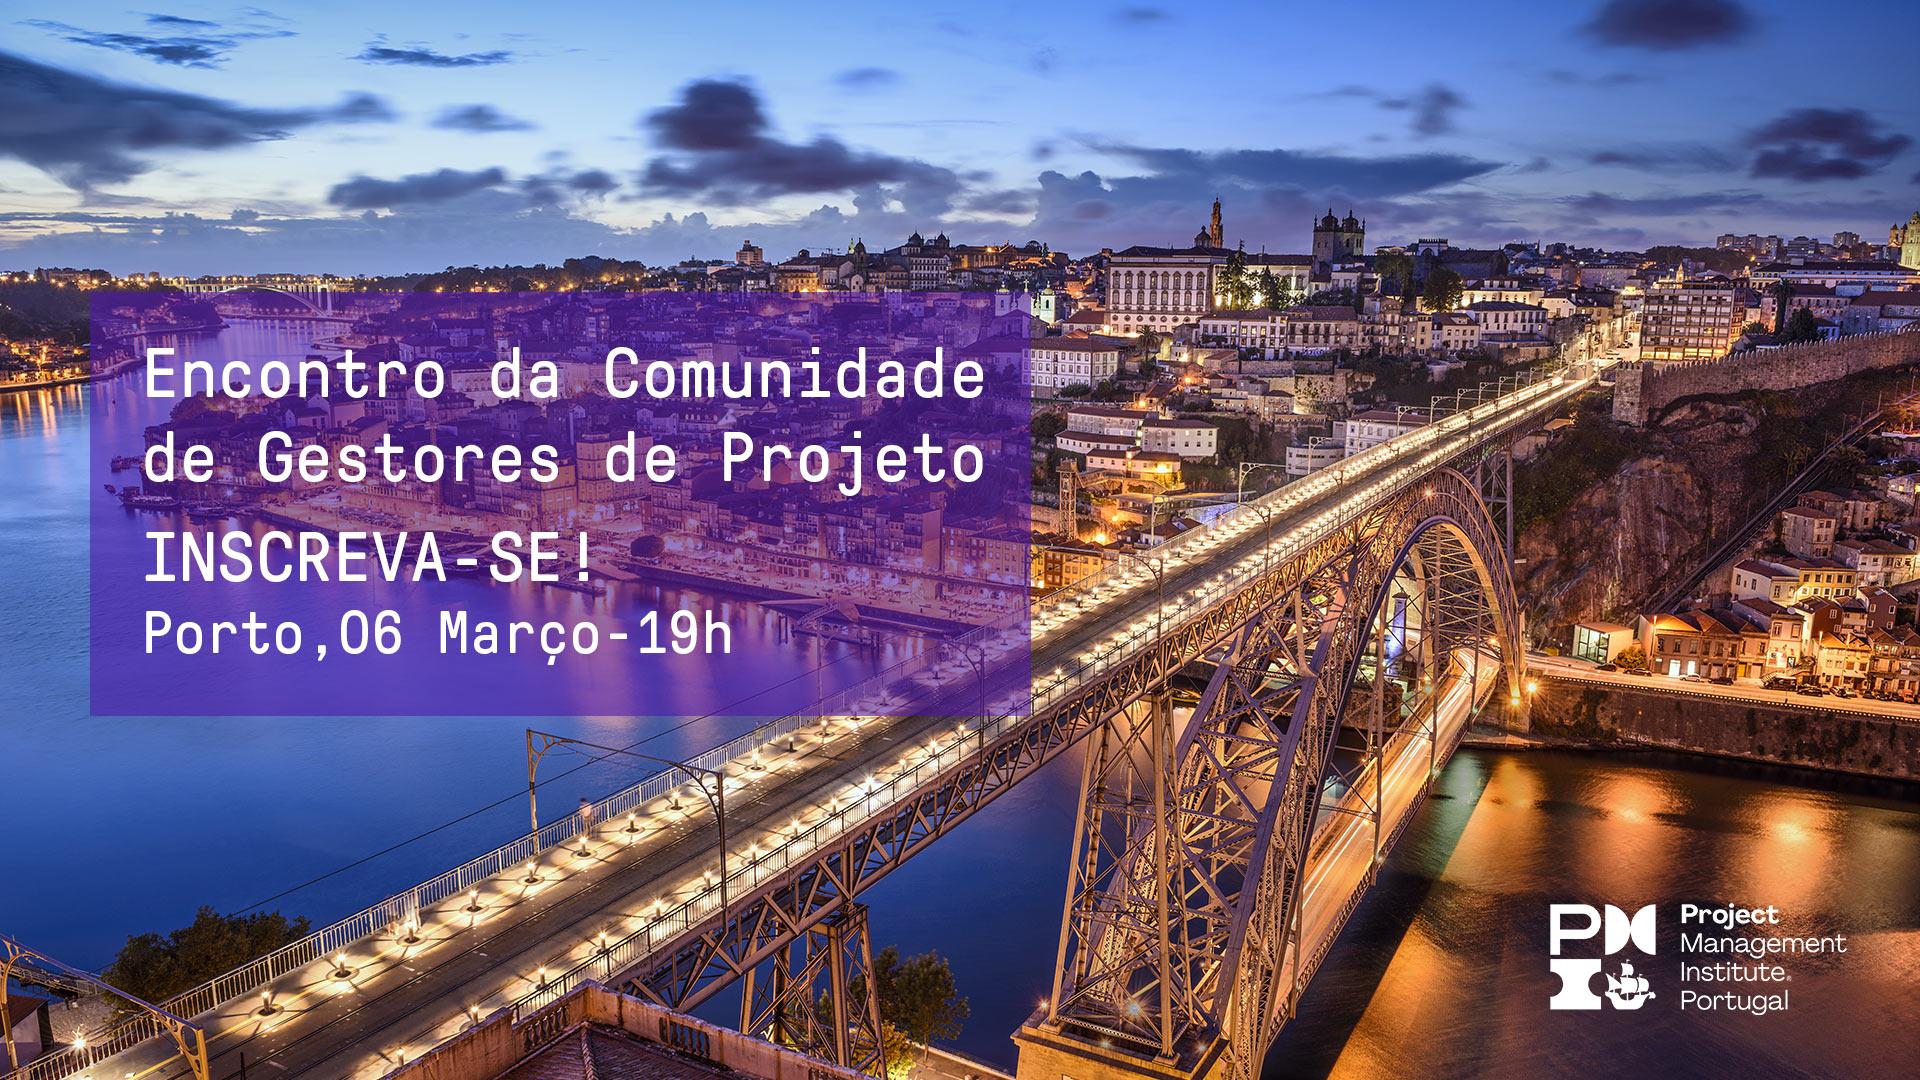 Encontro da Comunidade de Gestores de Projeto na cidade do Porto